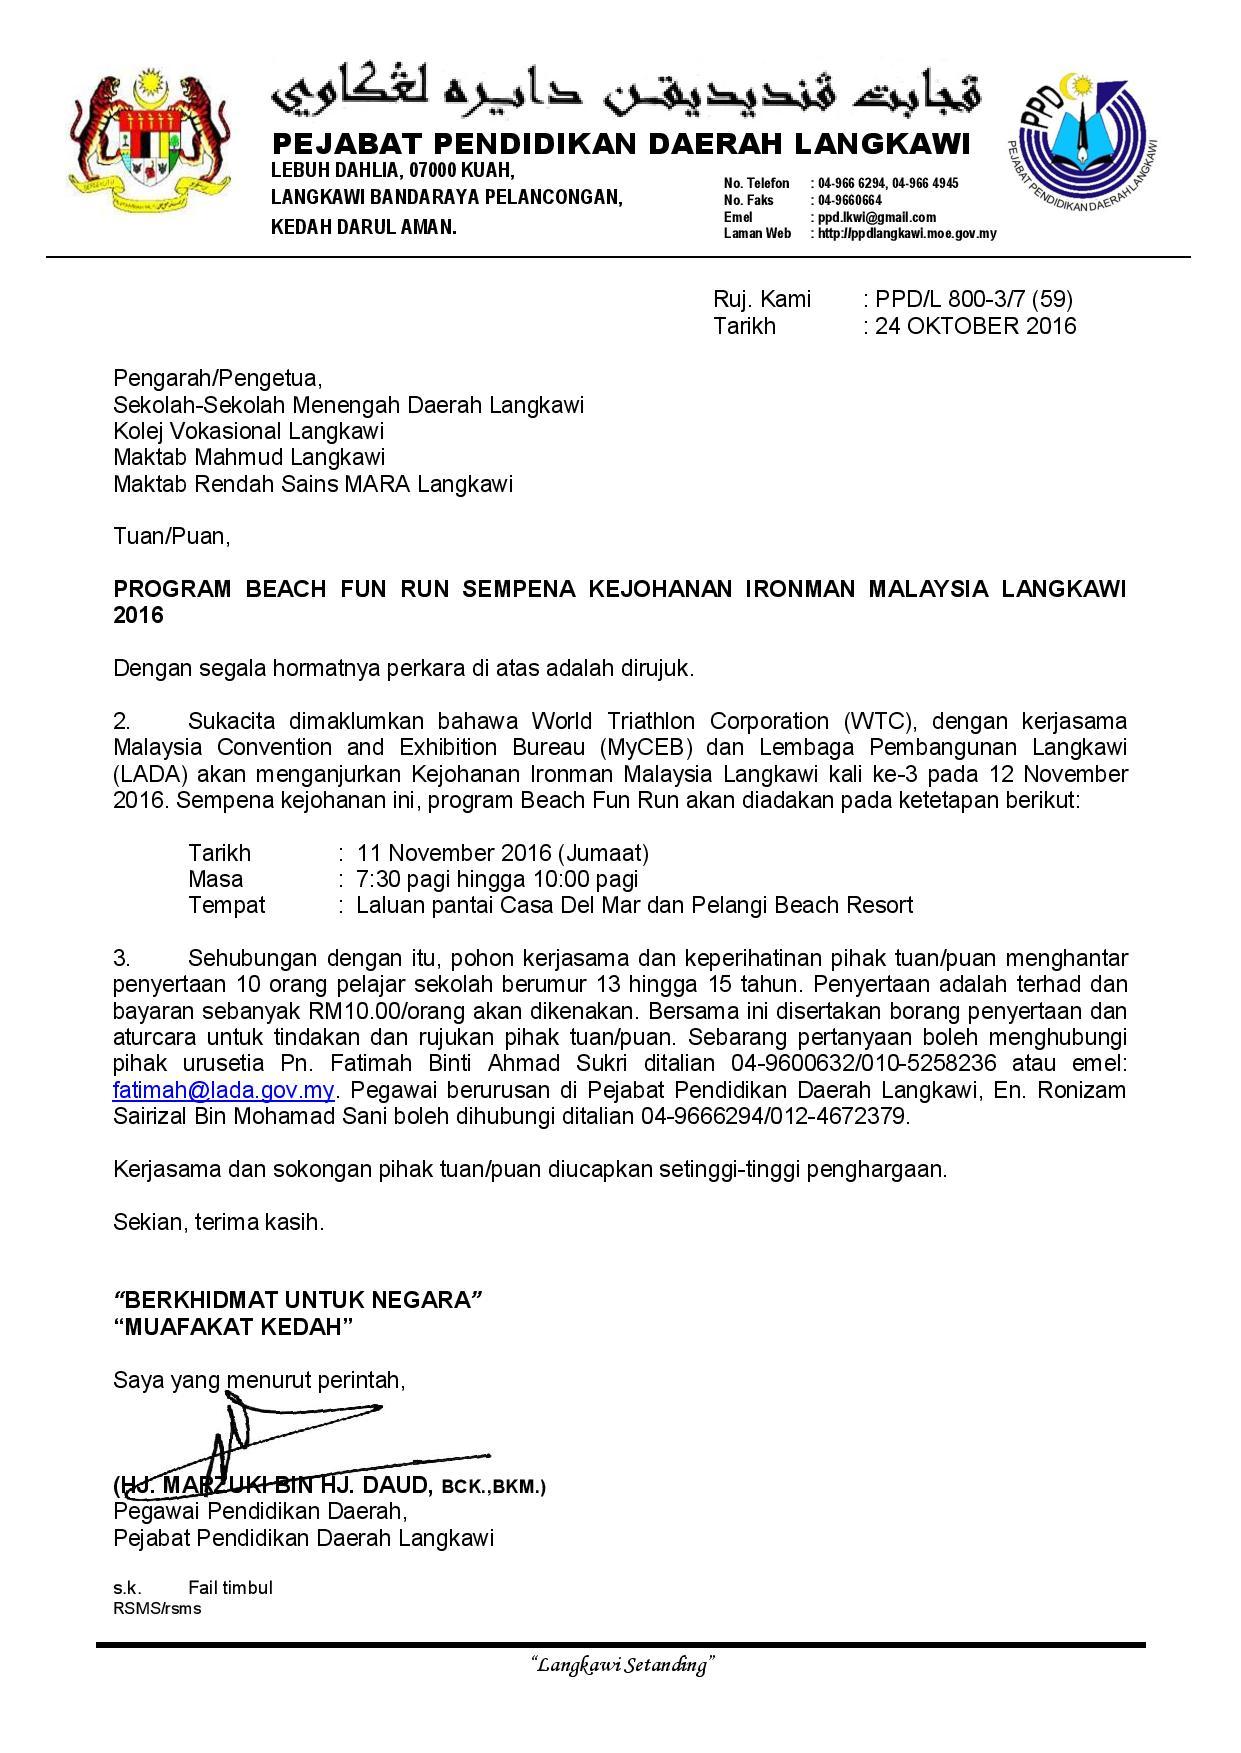 Surat Jemputan Pelajar Program Larian Beach Fun Run Sempena Kejohanan Ironman Malaysia Langkawi 2016